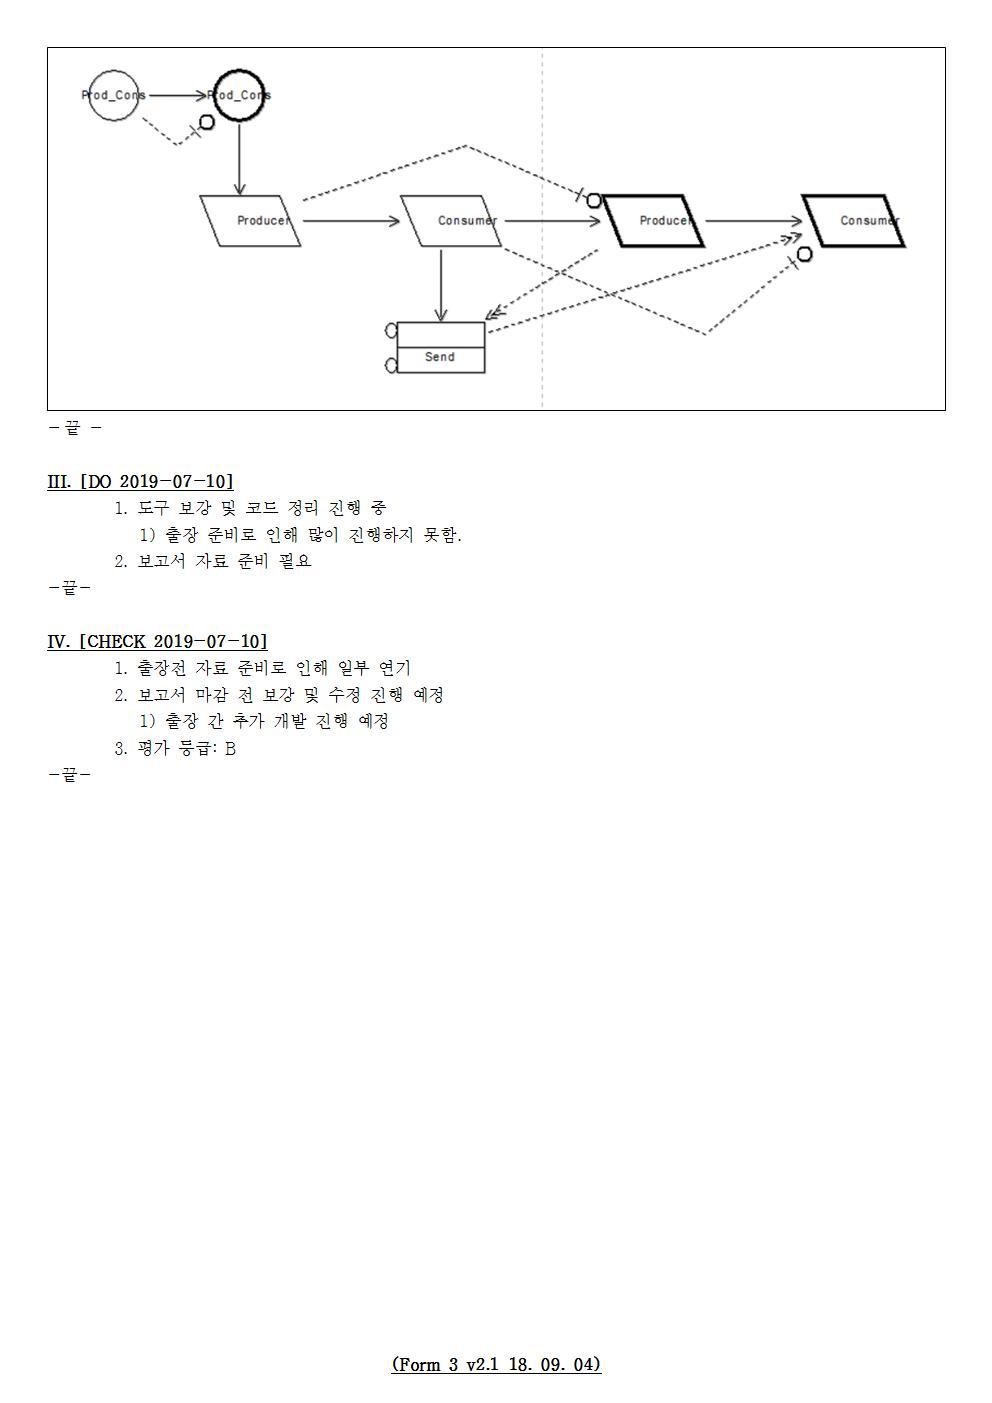 D-[19-003-RD-03]-[Tool-SRRE-1.X]-[2019-07-10][JS]-[19-7-2]-[P+D+C]002.jpg